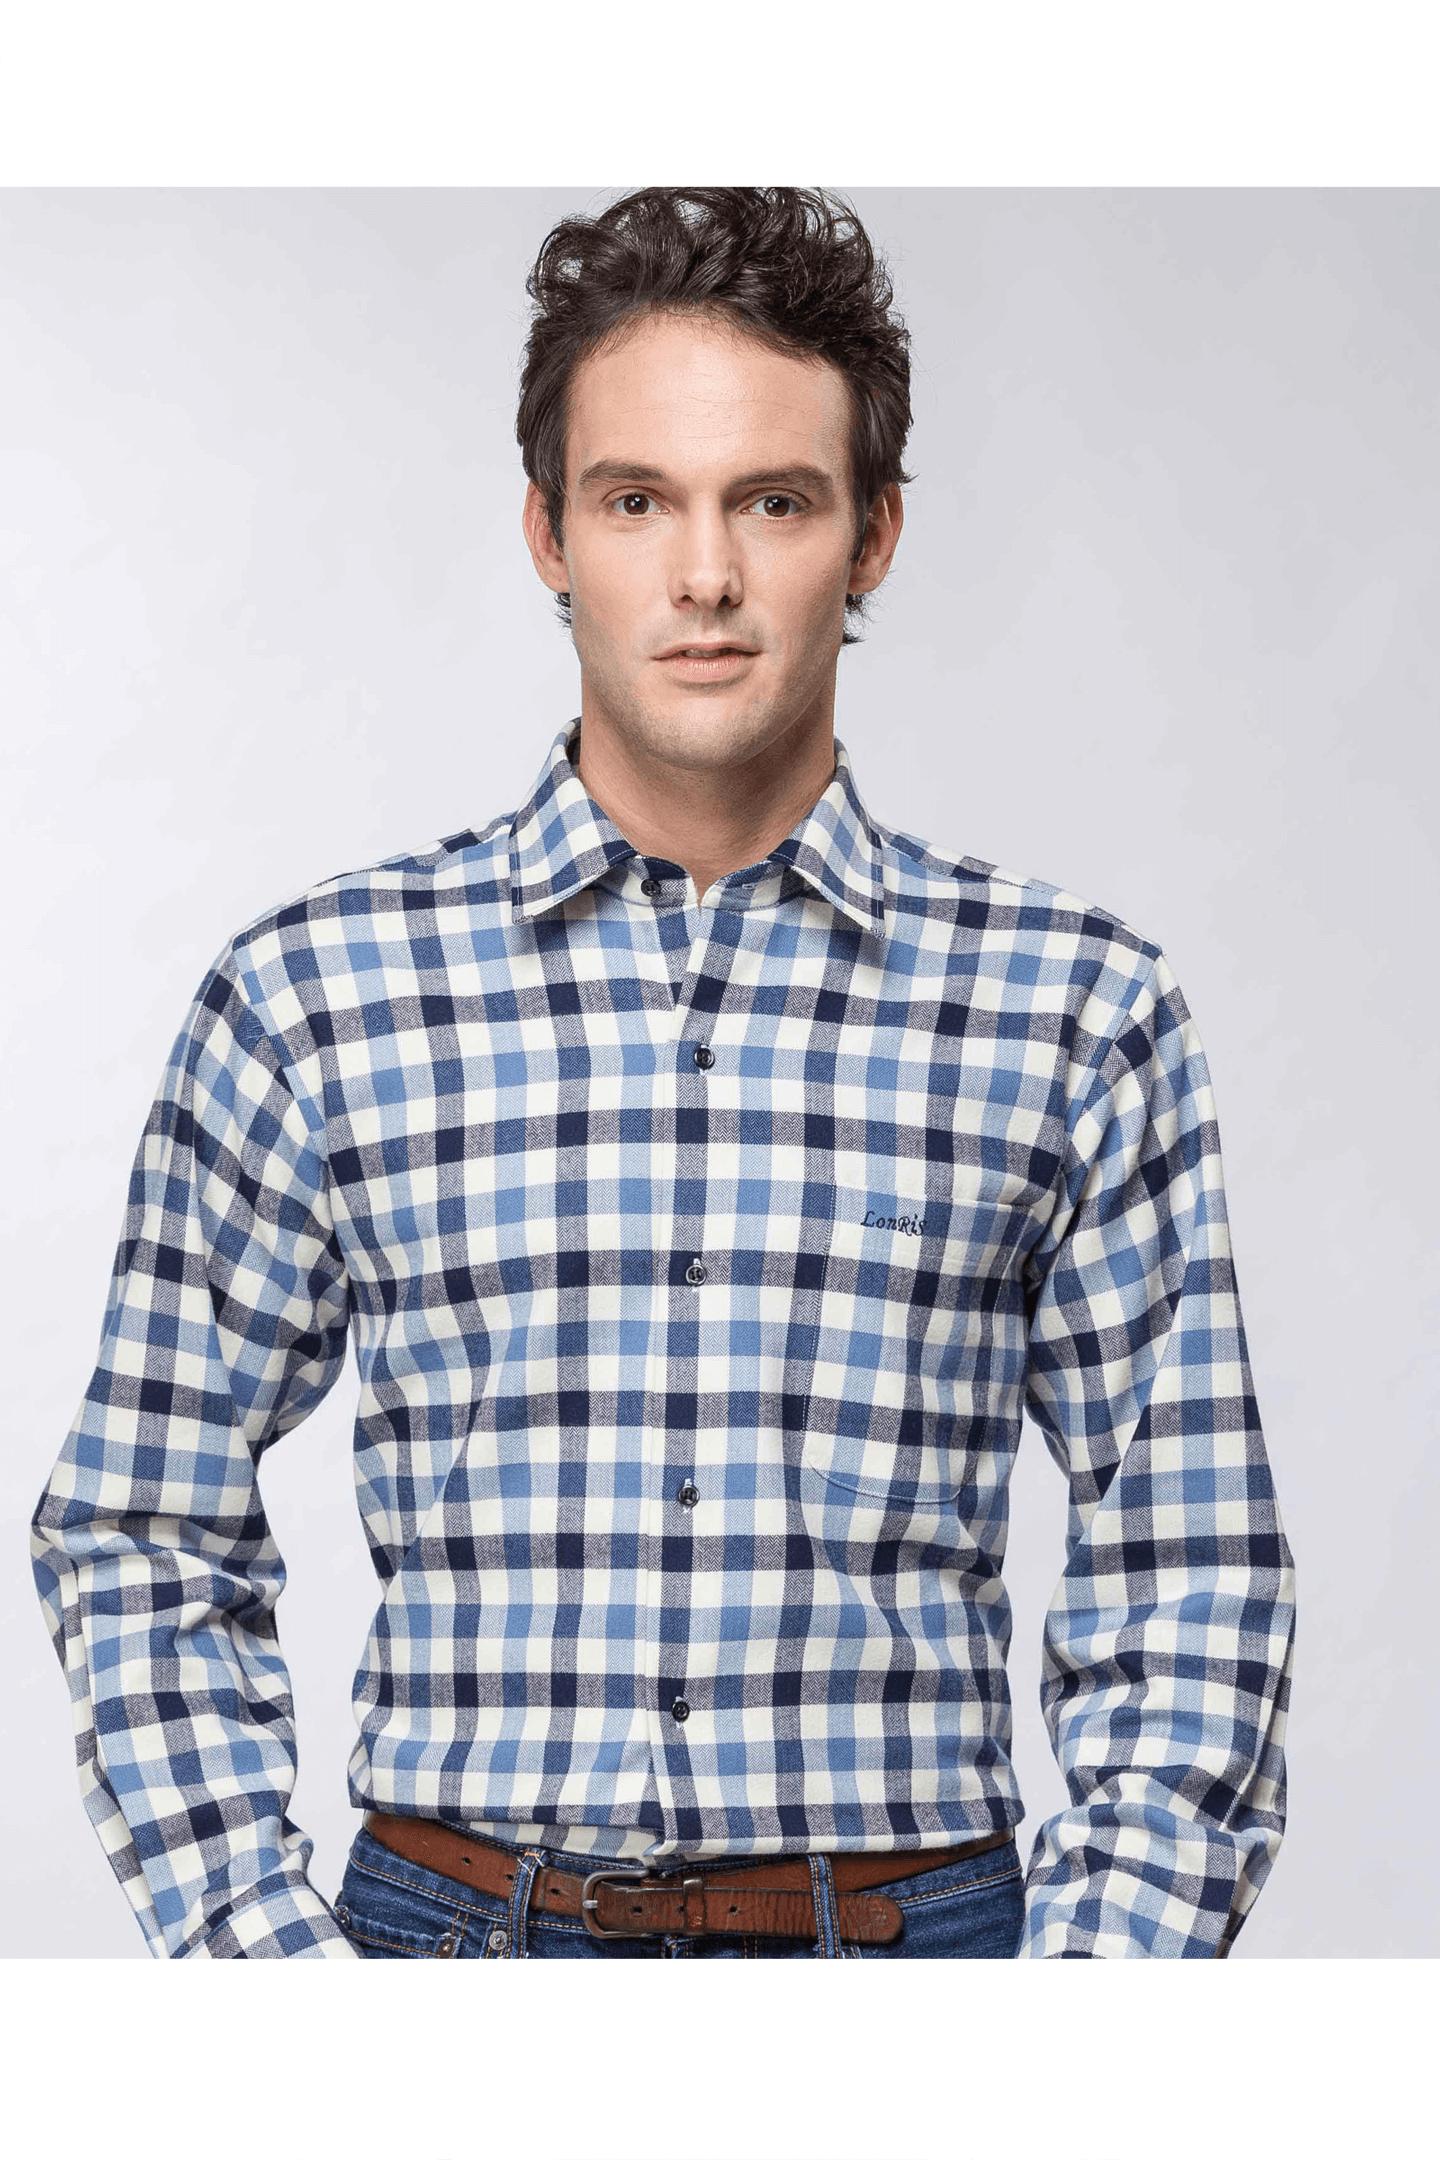 雙色格紋保暖長袖襯衫(藍白 ) / 保暖 舒適透氣